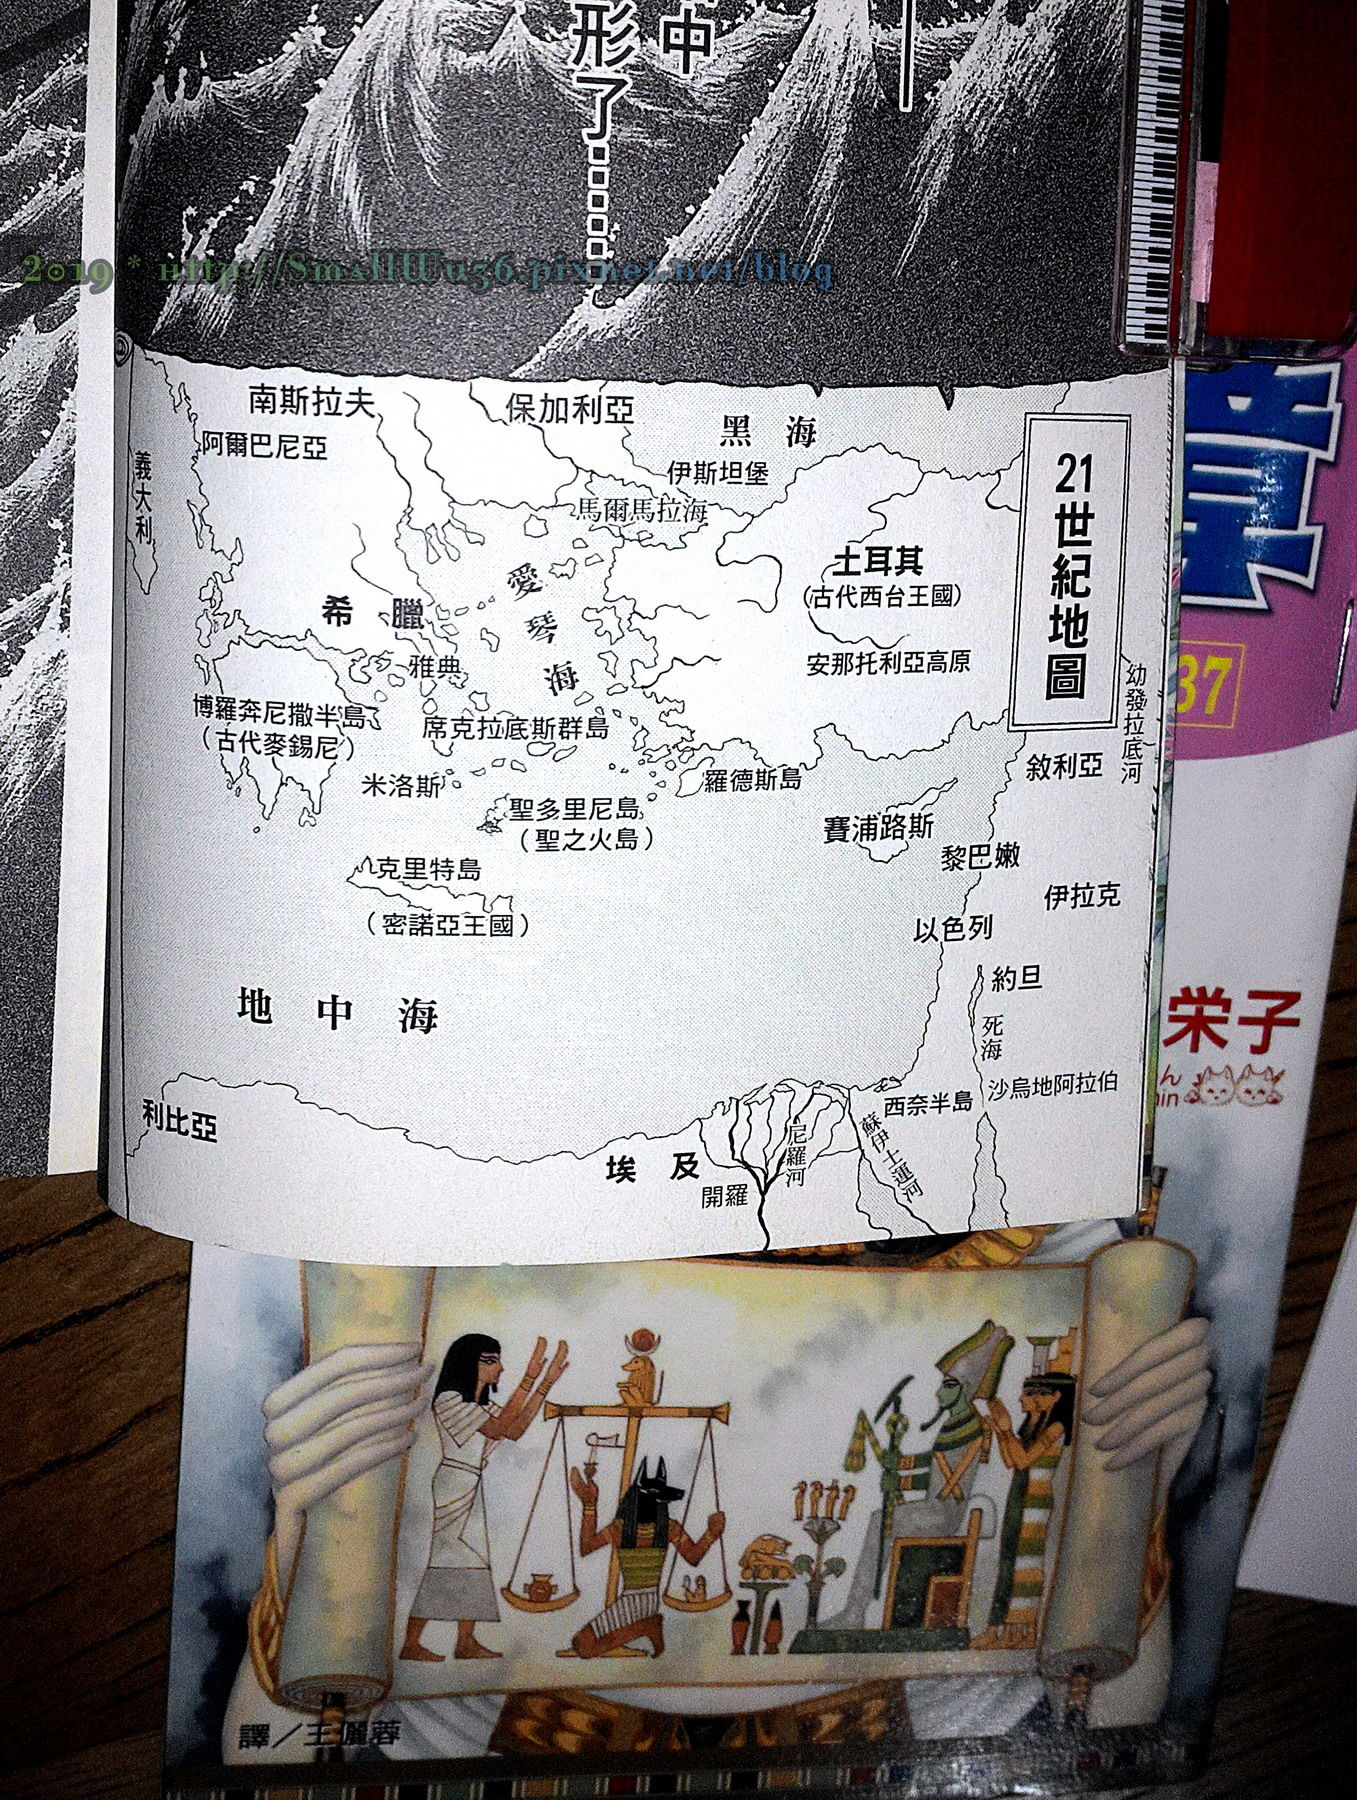 細川智榮子-王家的紋章(尼羅河女兒) 36-37 (長鴻)  vol_36.jpg